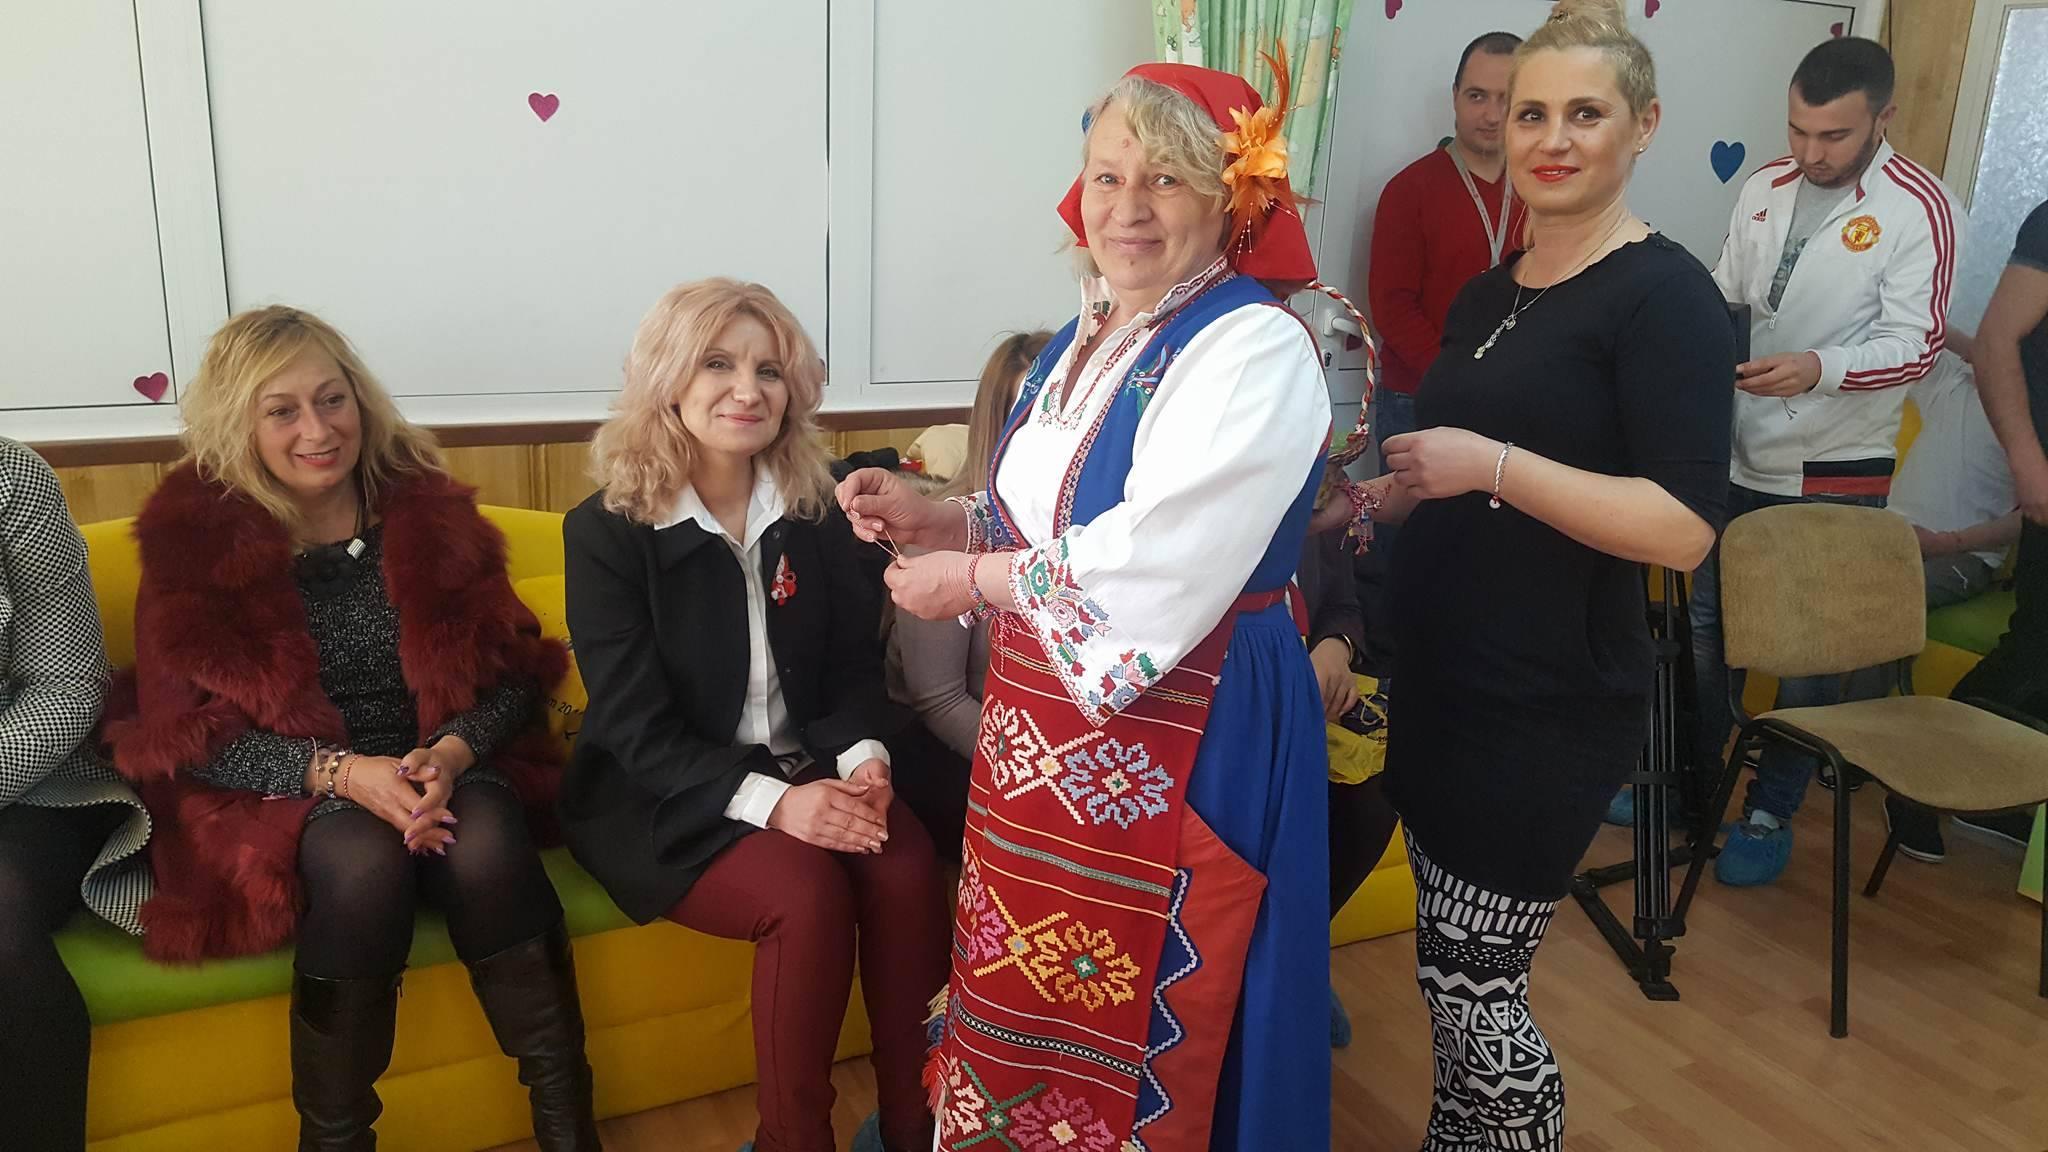 Децата и младежите от ДЦДМУ отпразнуваха пристигането на Баба Марта и настъпването на пролетта